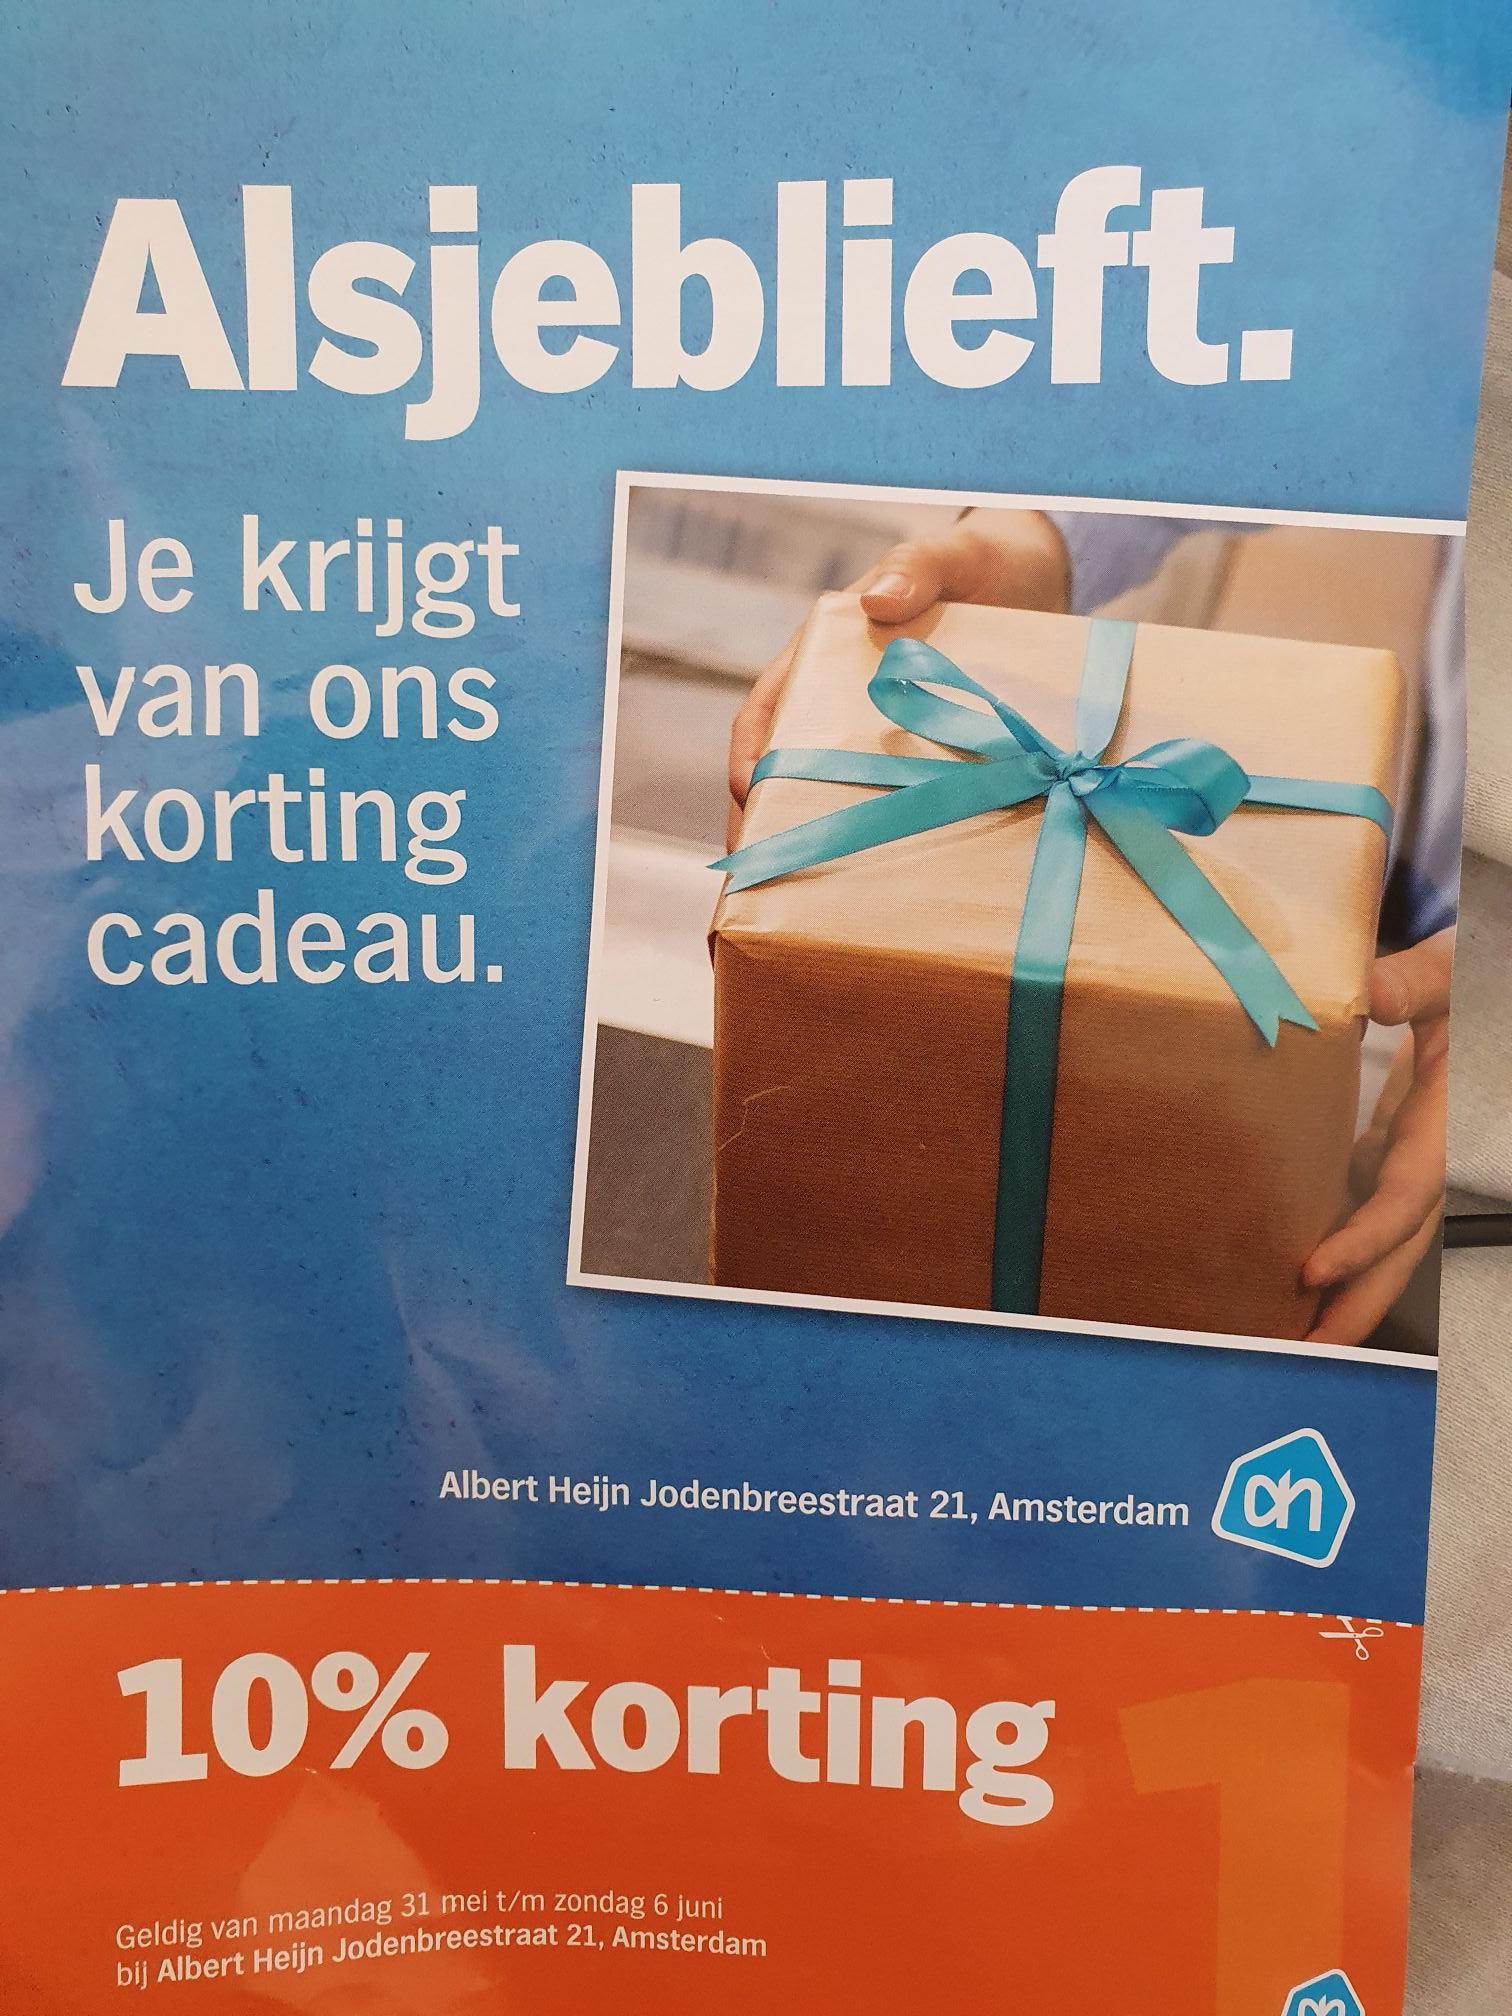 10% korting of bijna alles bij AH Jodenbreestraat Amsterdam